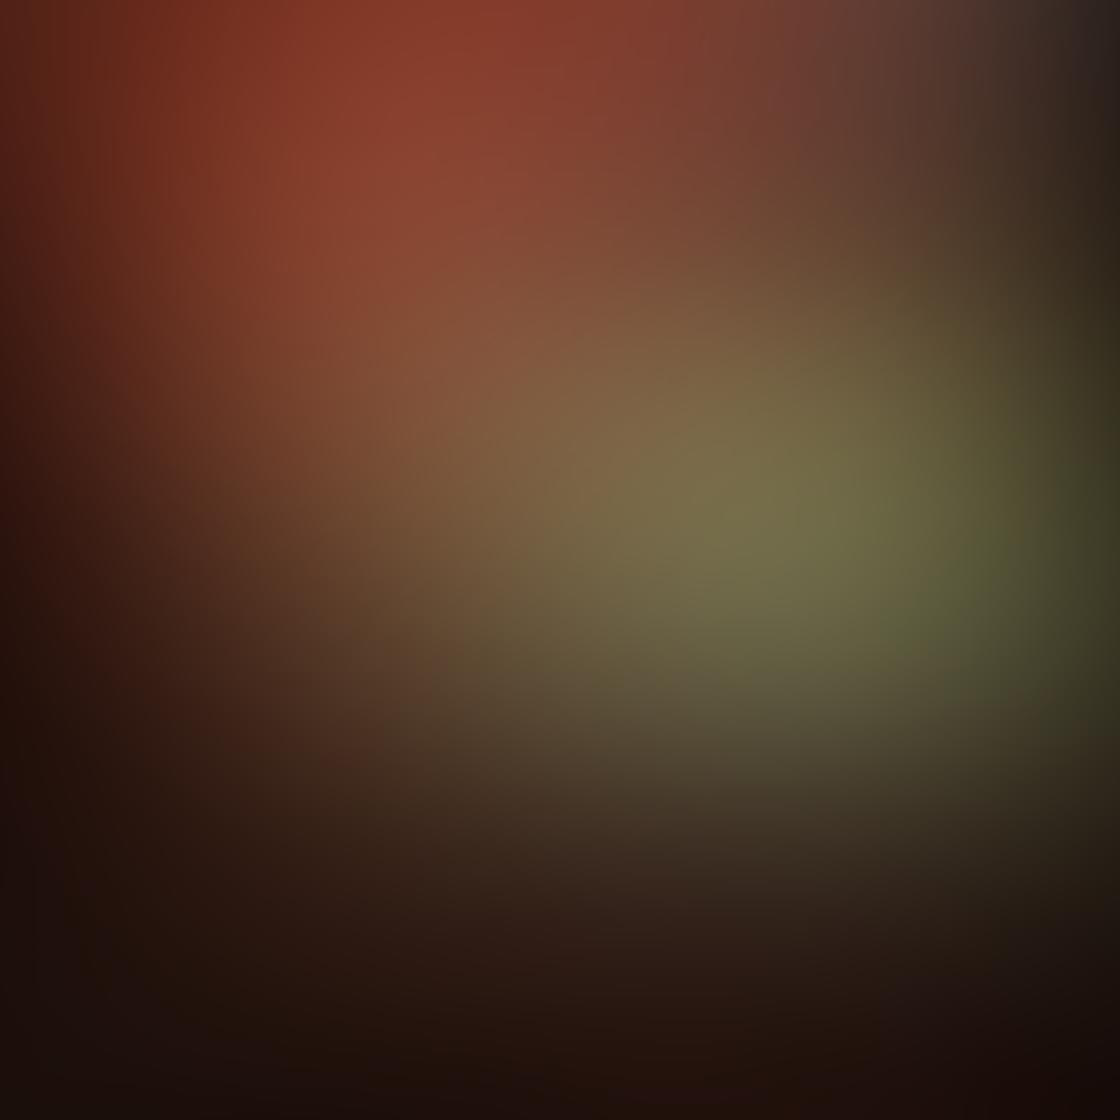 iPhone Photo 2